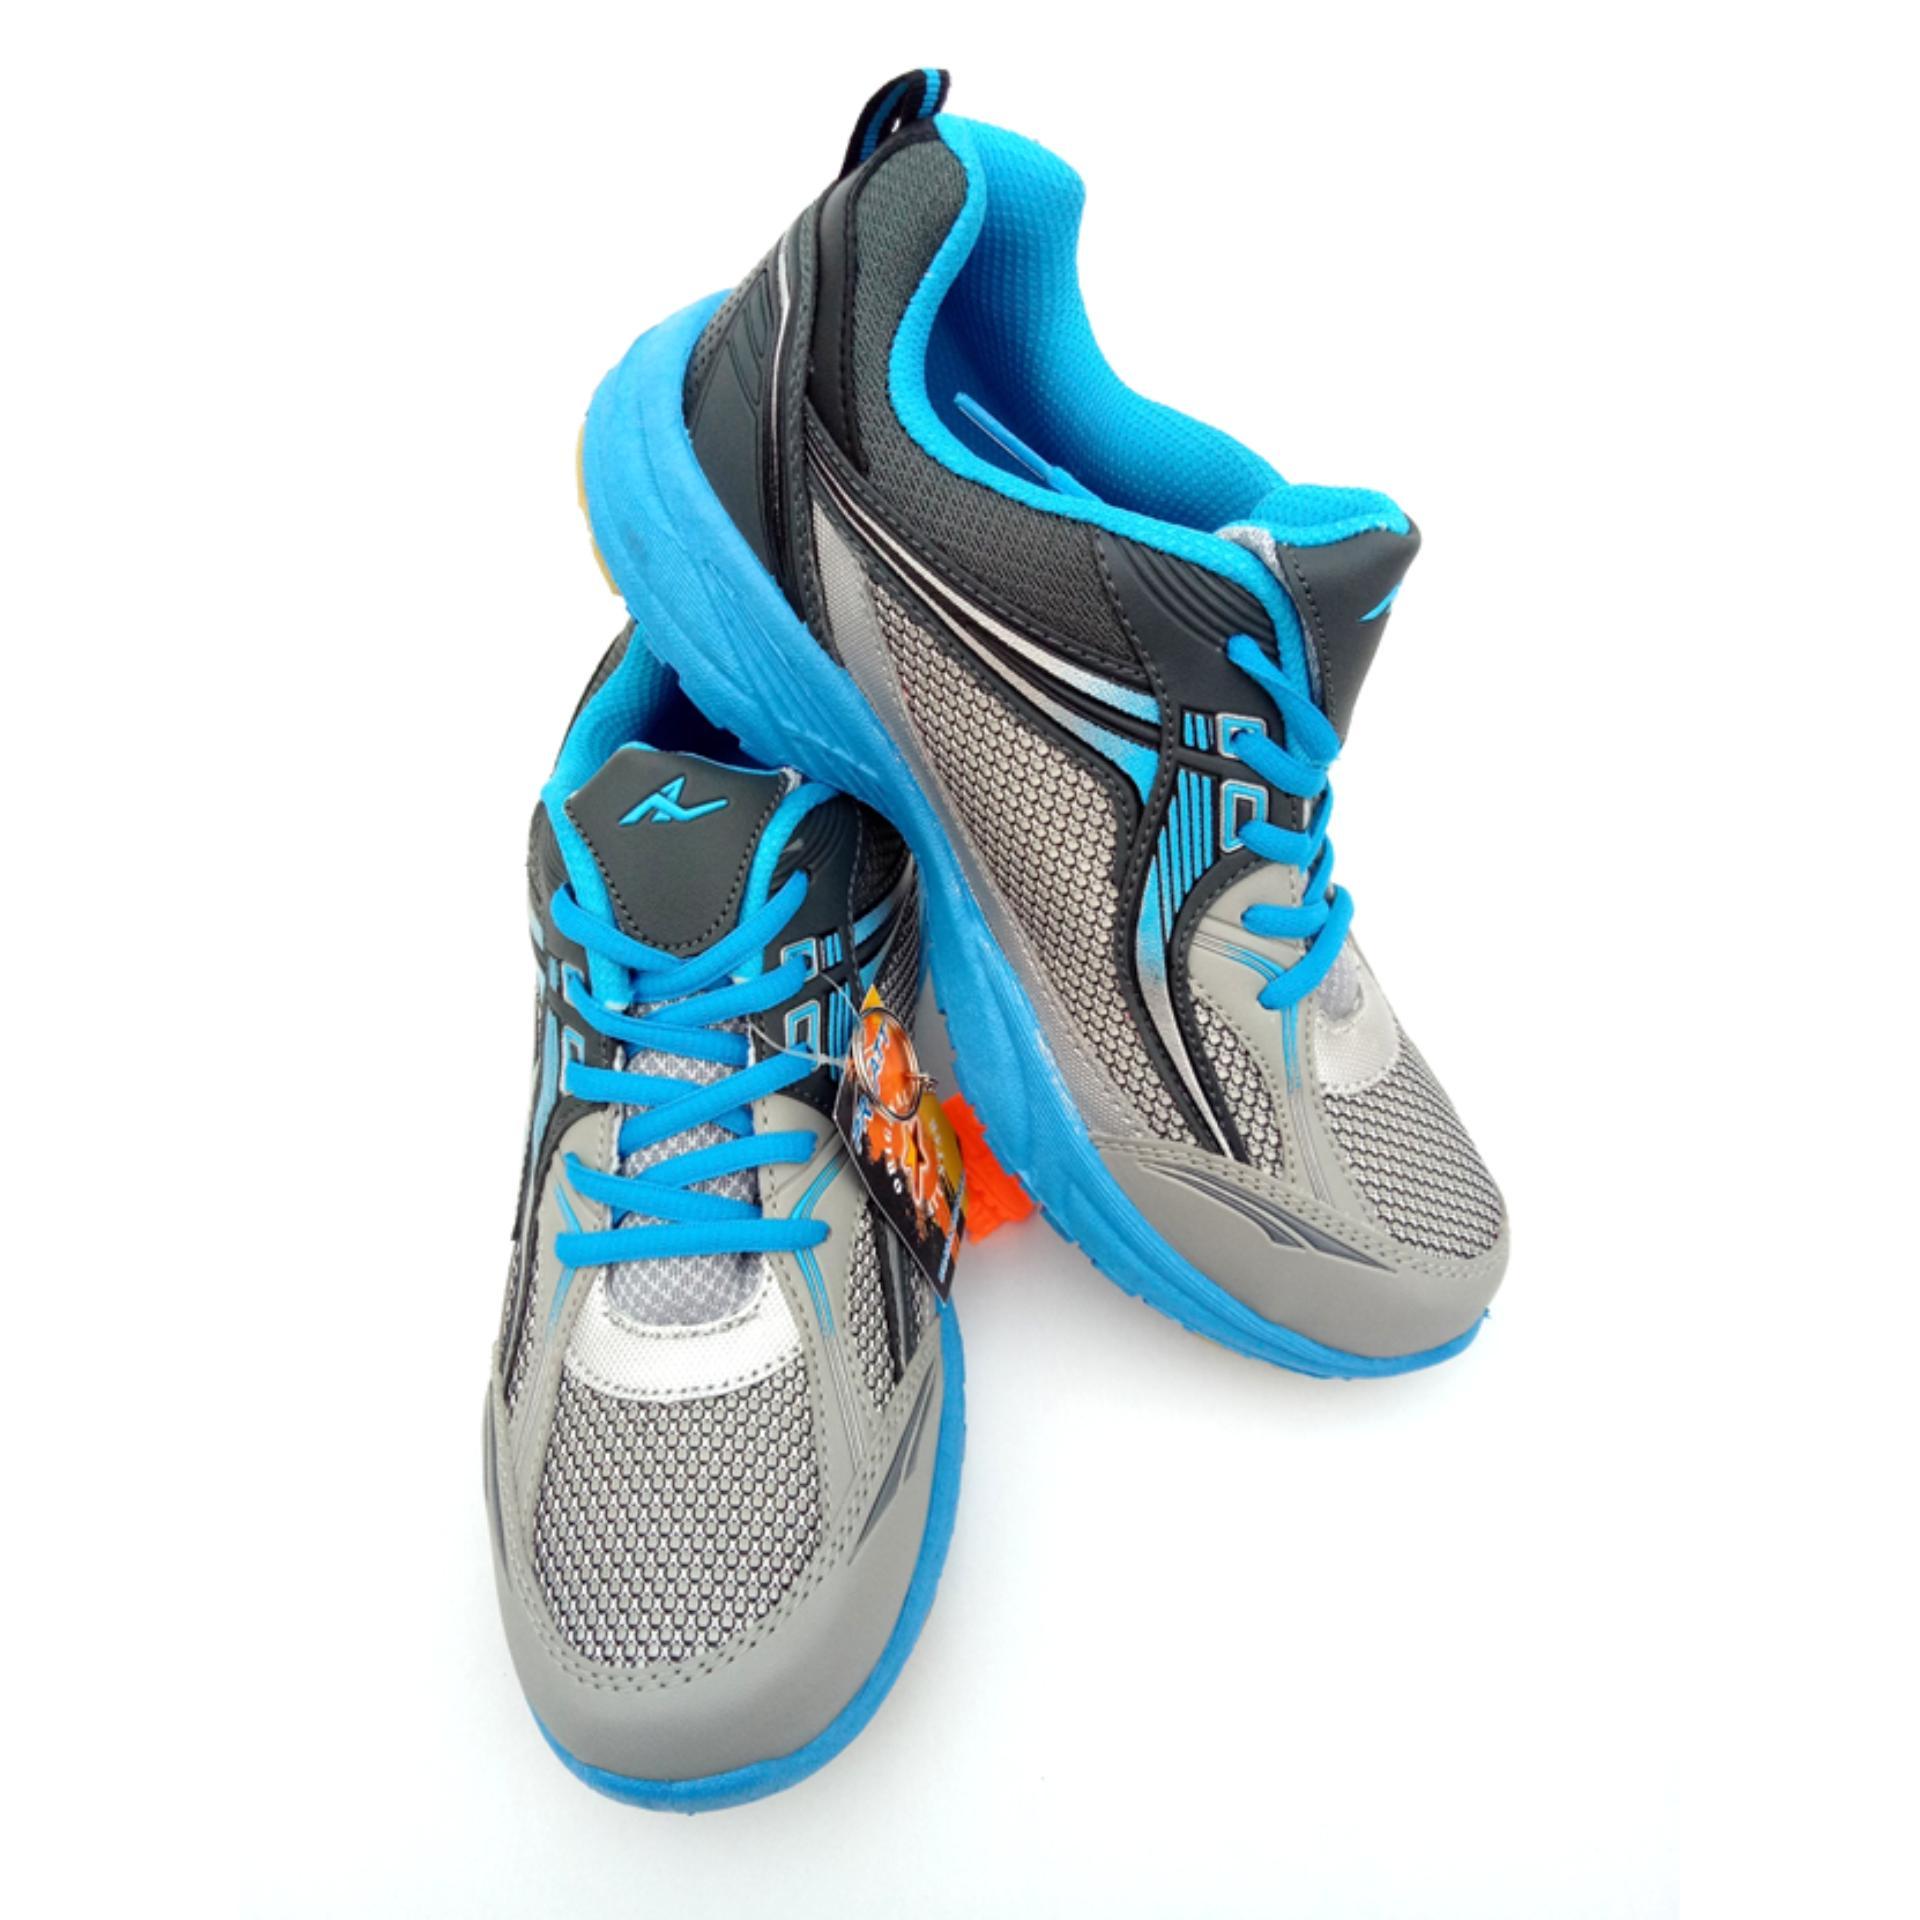 Jual Att Abk380 Sepatu Murah Garansi Dan Berkualitas Id Store Kerja Kuliah Sankyo Saf 1120 Rp 90000